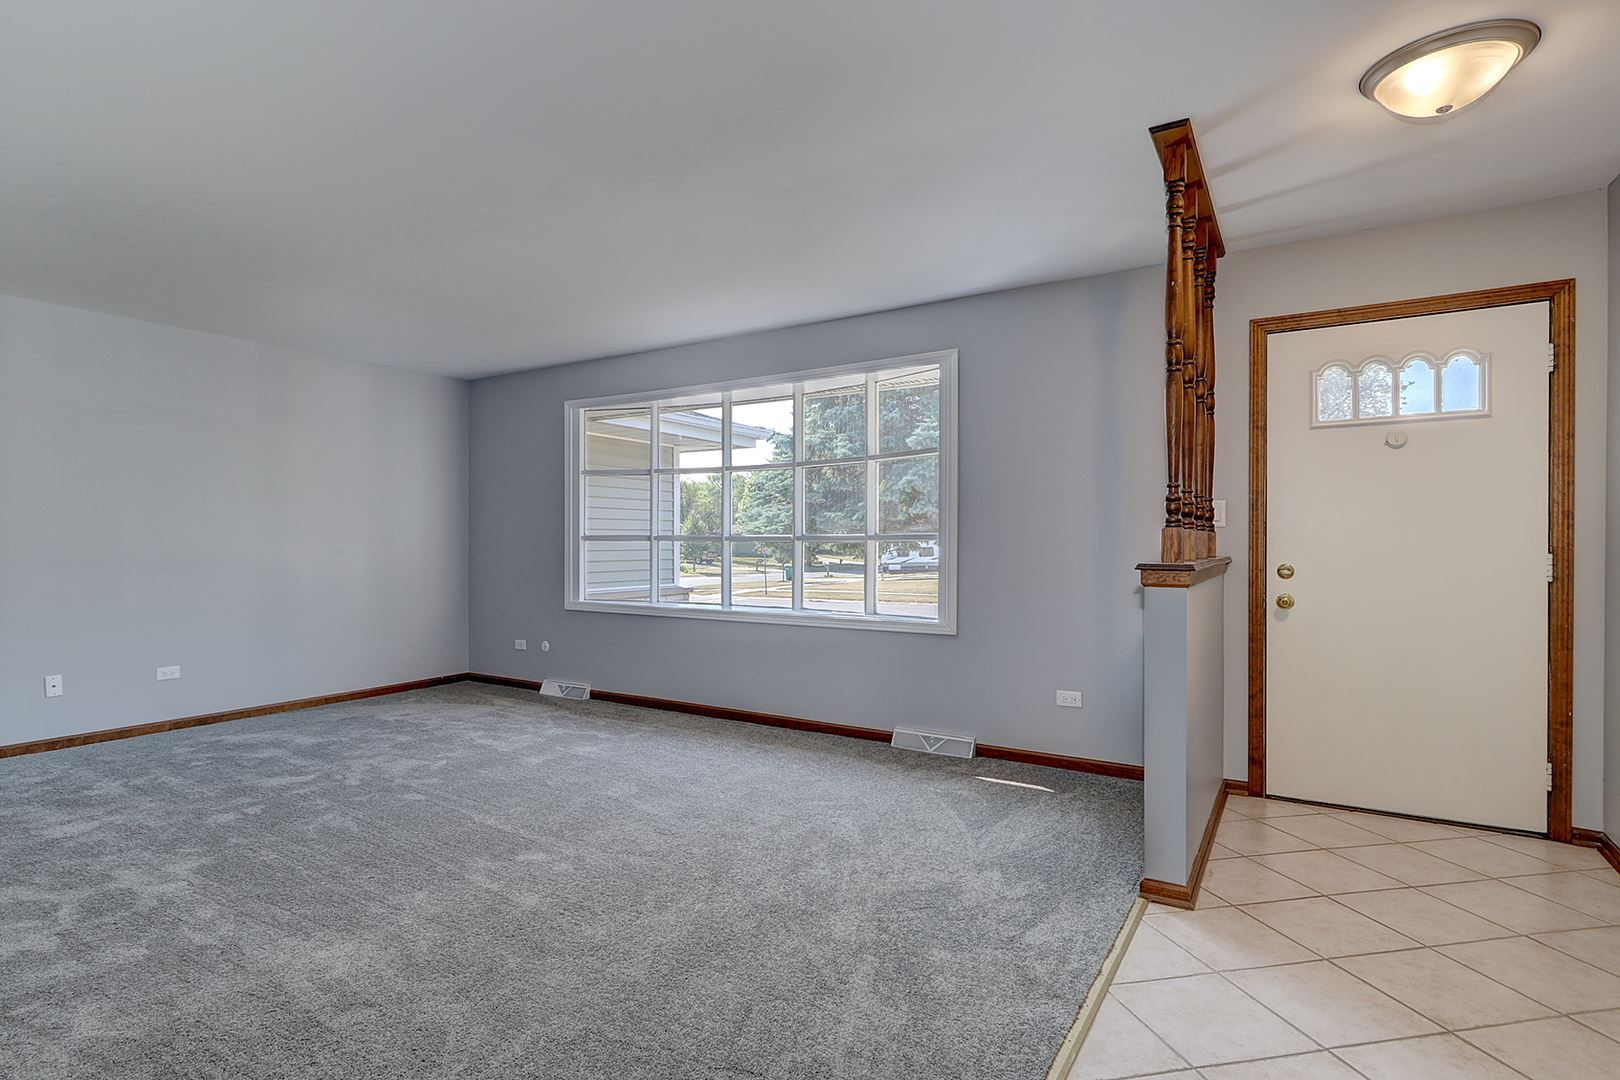 Photo of 25204 W Sandbank Drive, Plainfield, IL 60544 (MLS # 10915099)